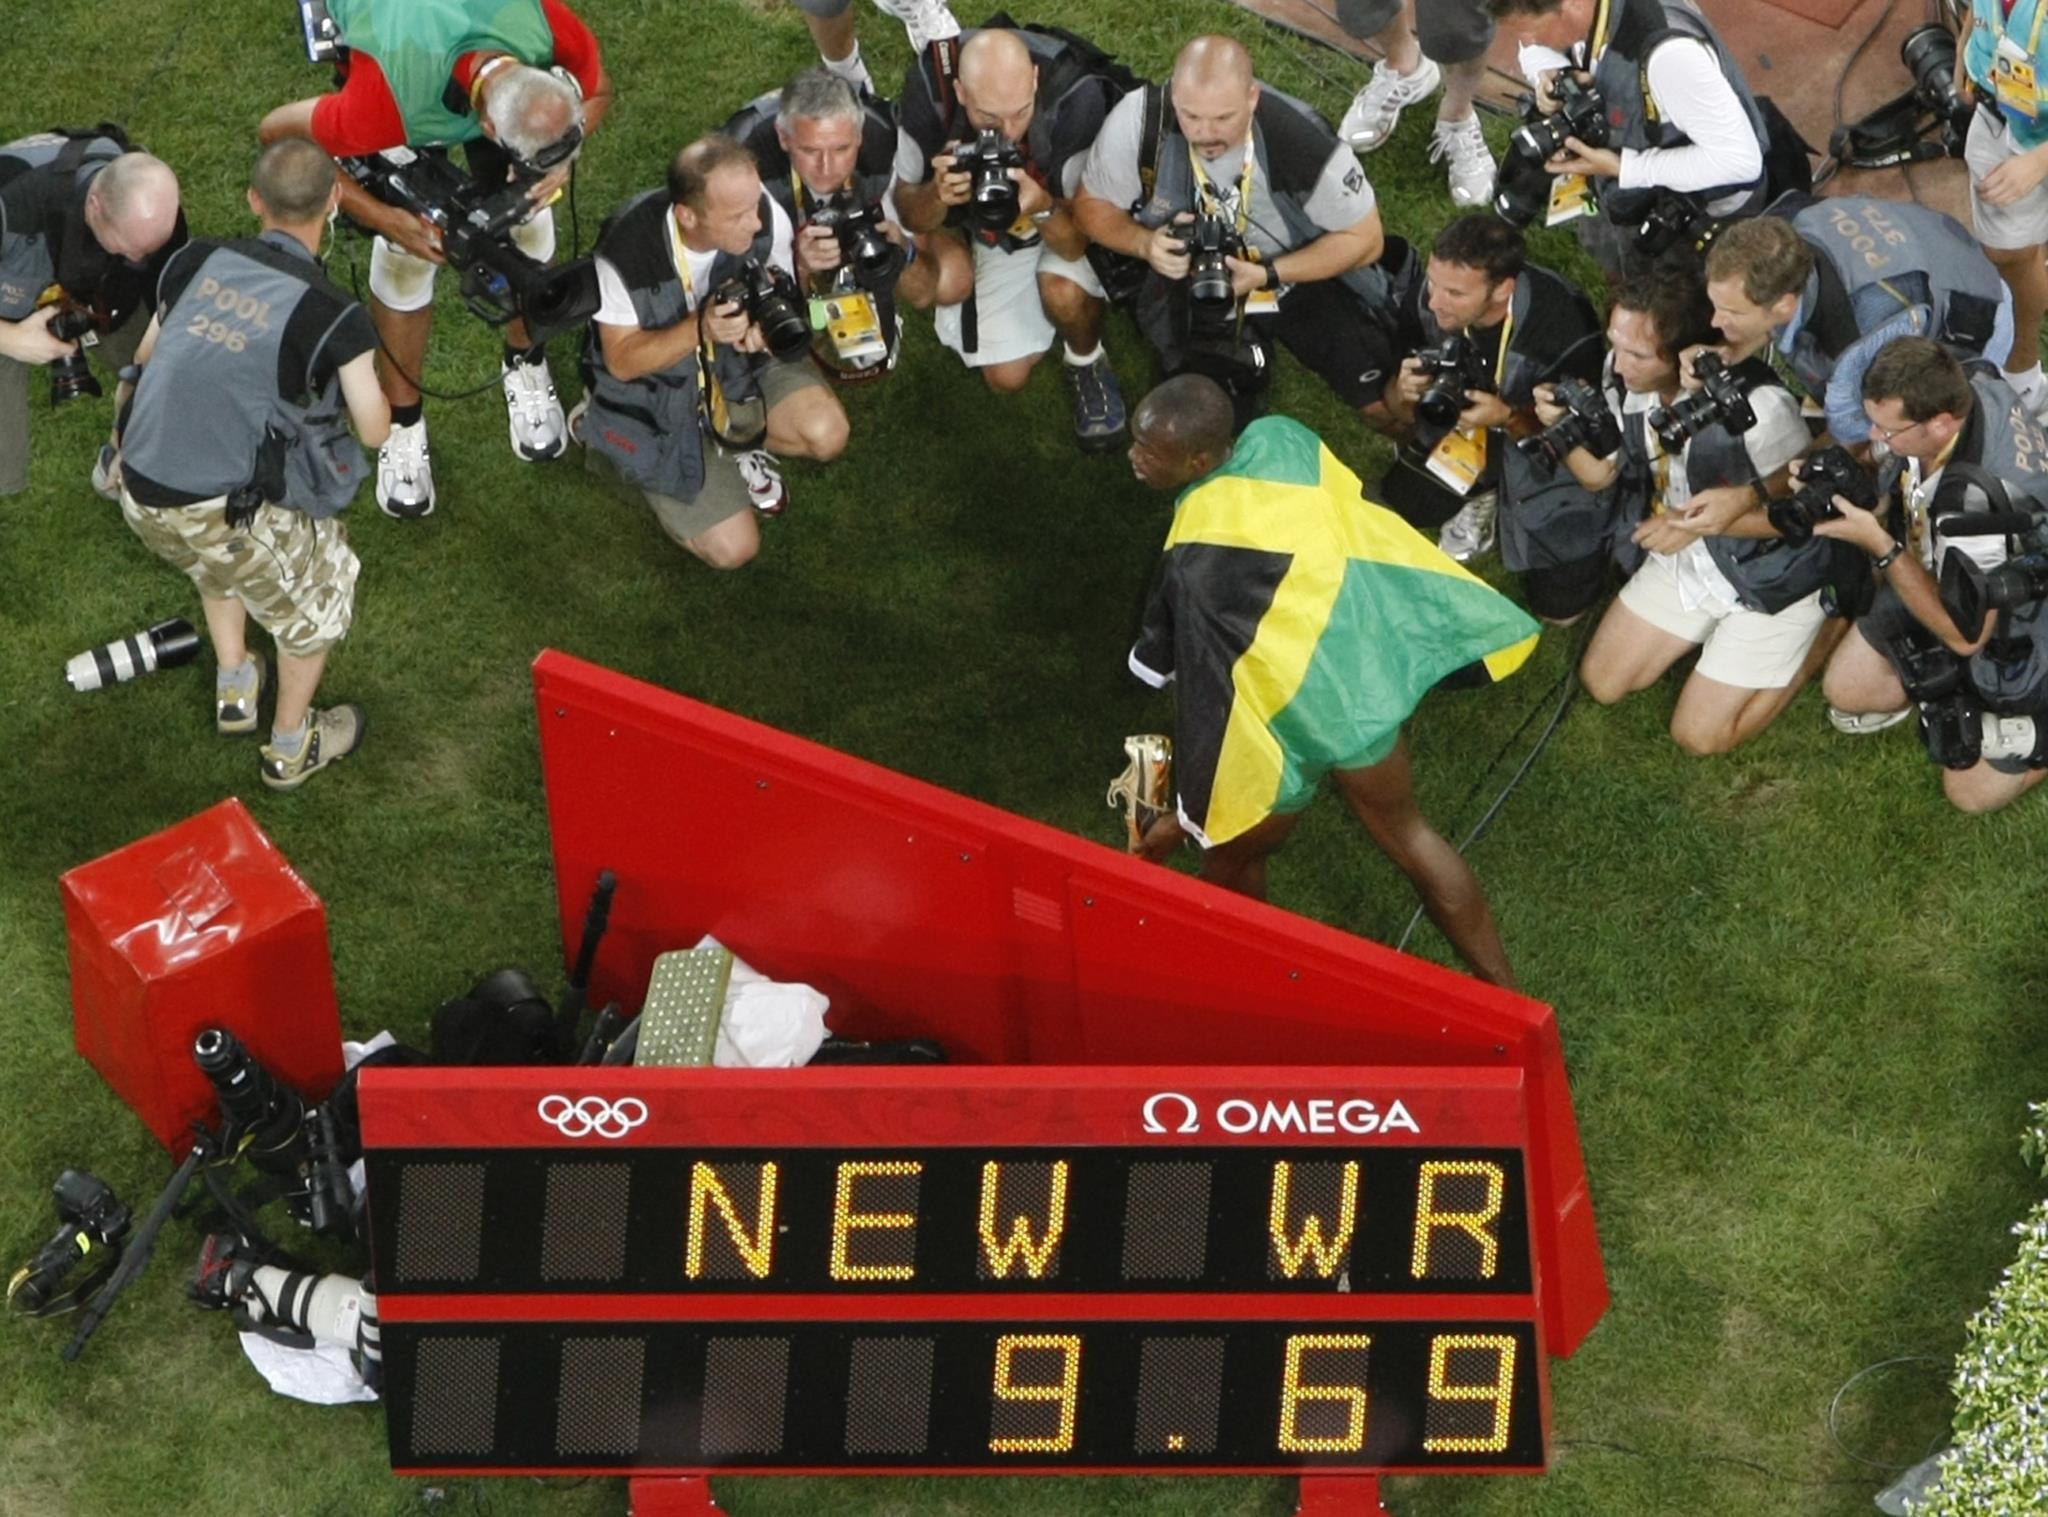 Recorde mundial nos Jogos Olímpicos de Pequim, em 2008. Bolt venceu os 100m com 9,69s